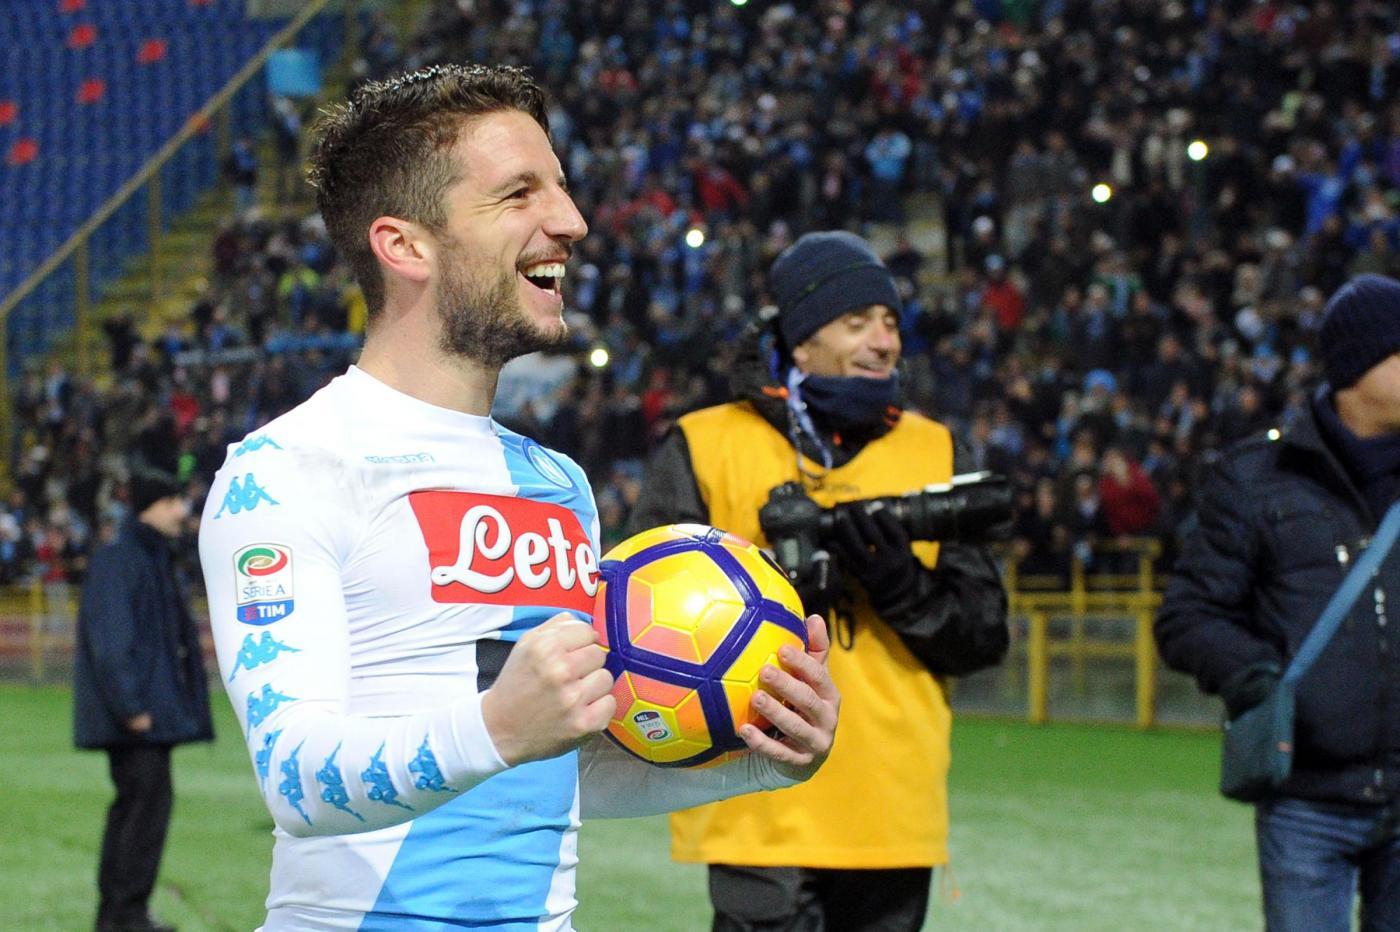 Serie A pronostici giornata 5 mercoledi 20 settembre 2017